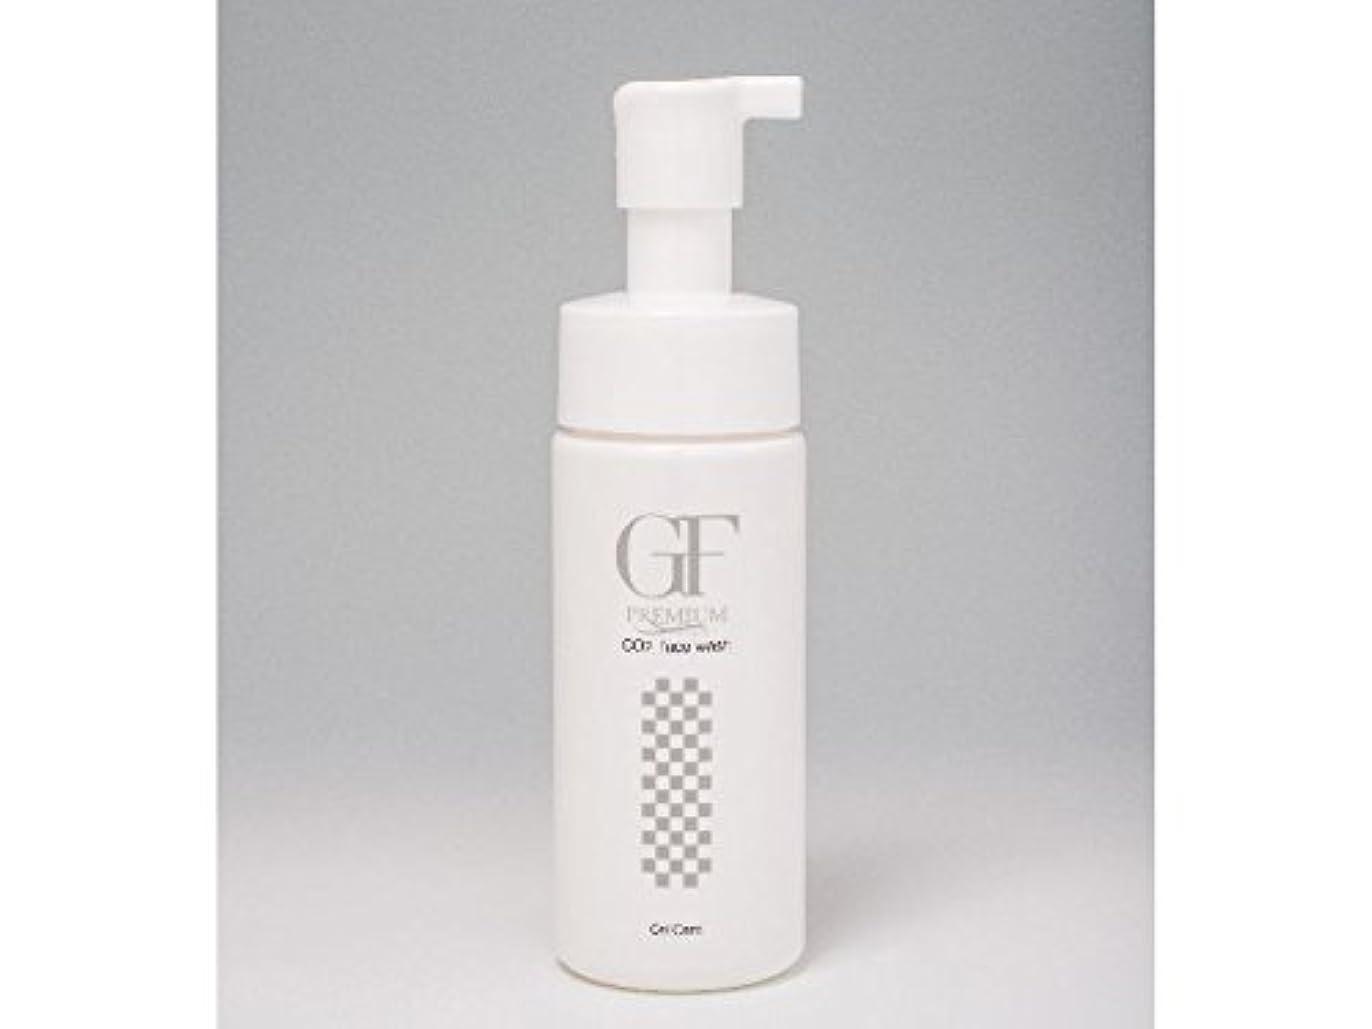 数学的な間違いなくハグセルケア GFプレミアム EG炭酸洗顔フォーム 150ml